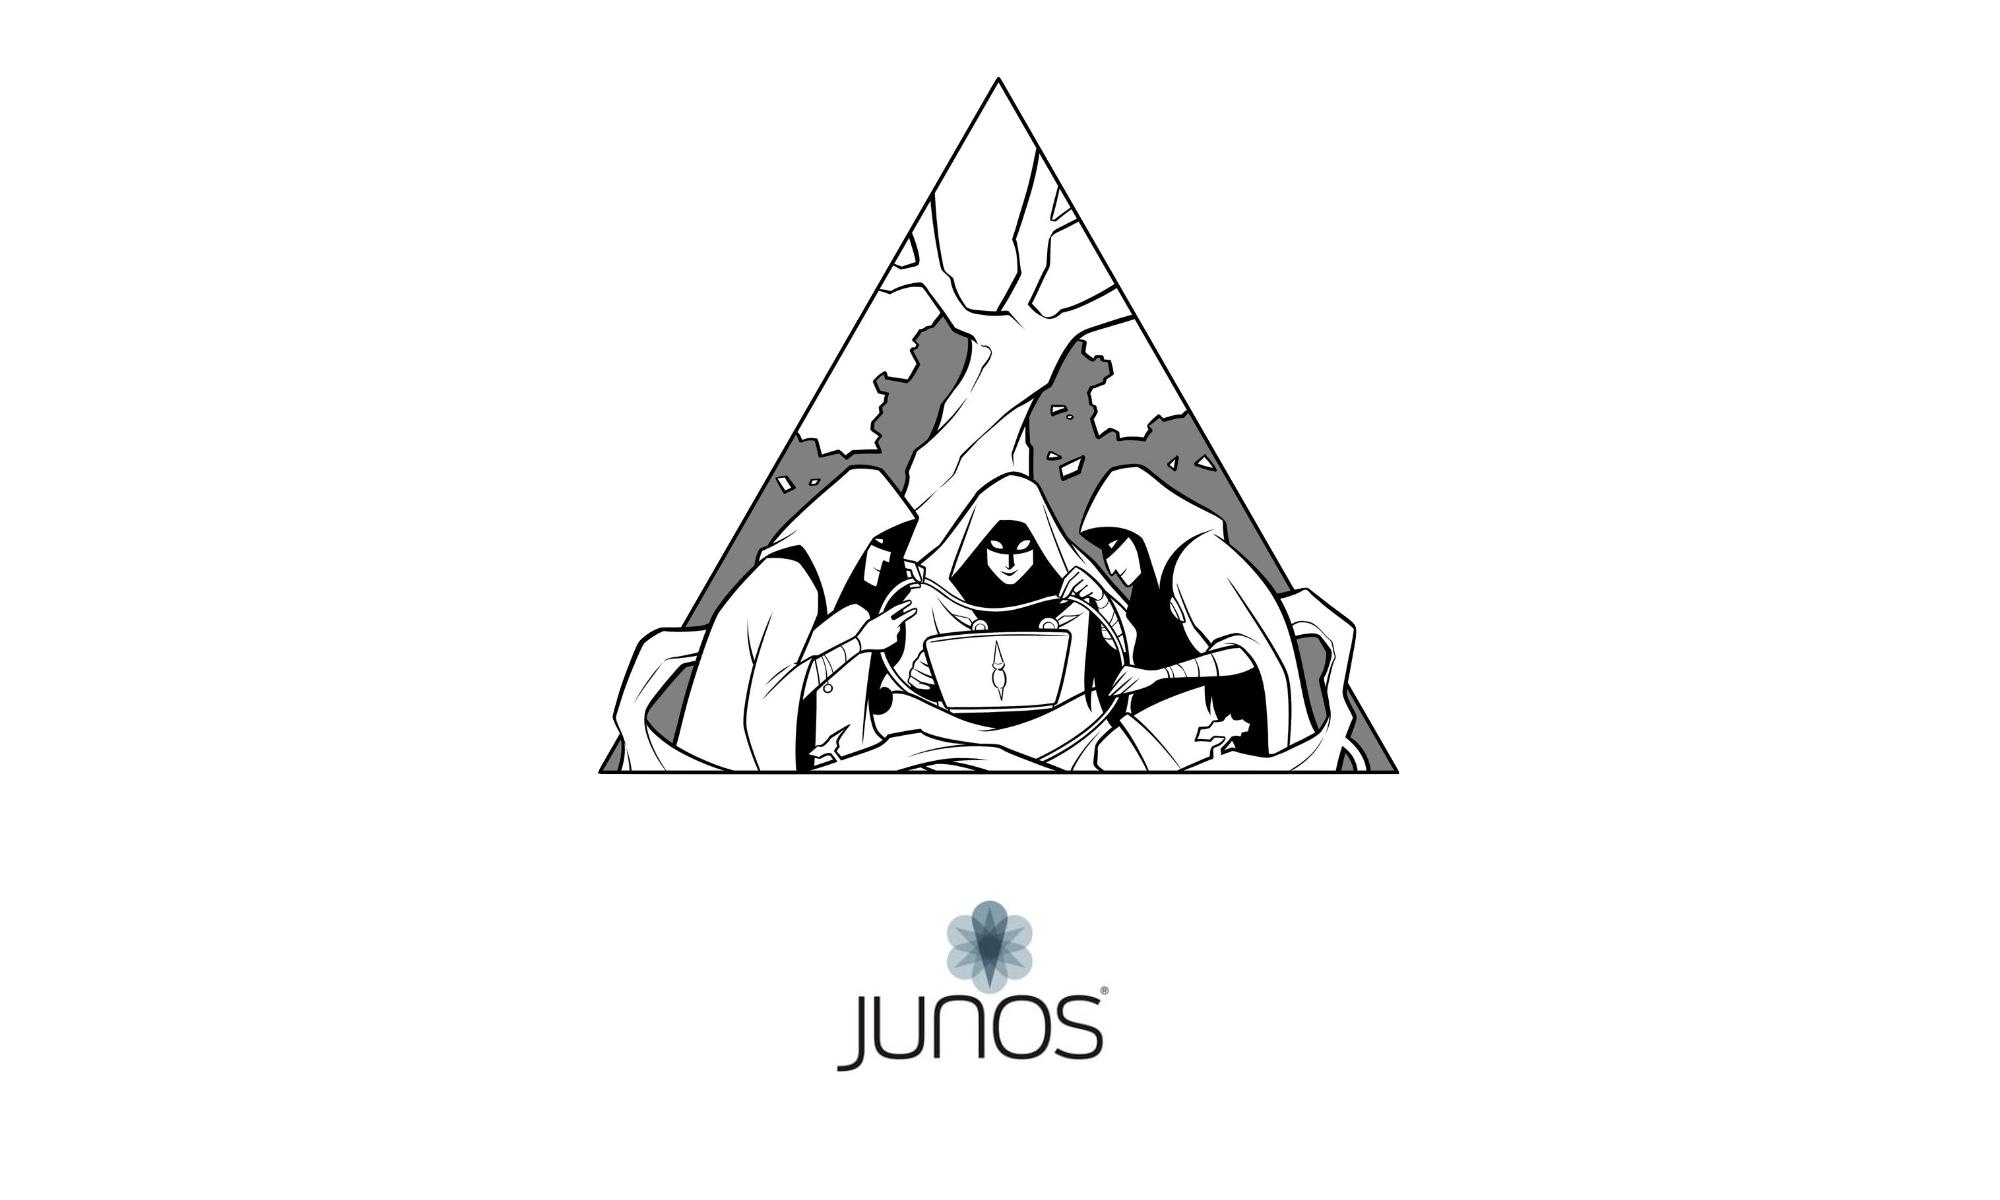 Nornir Junos